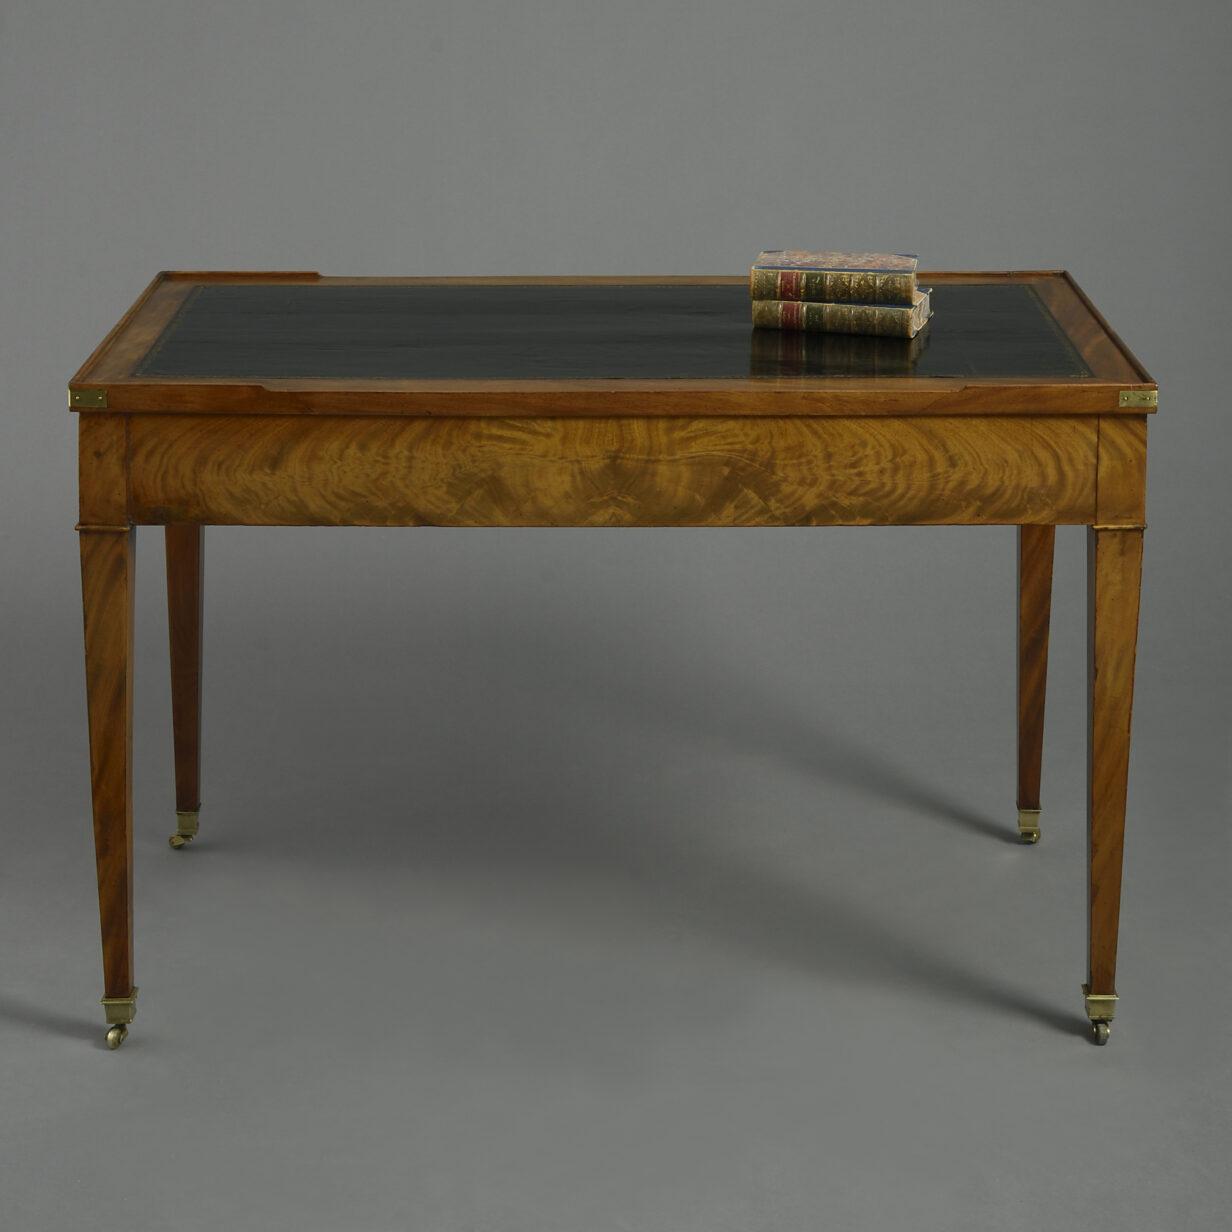 Louis XVI Tric Trac Table